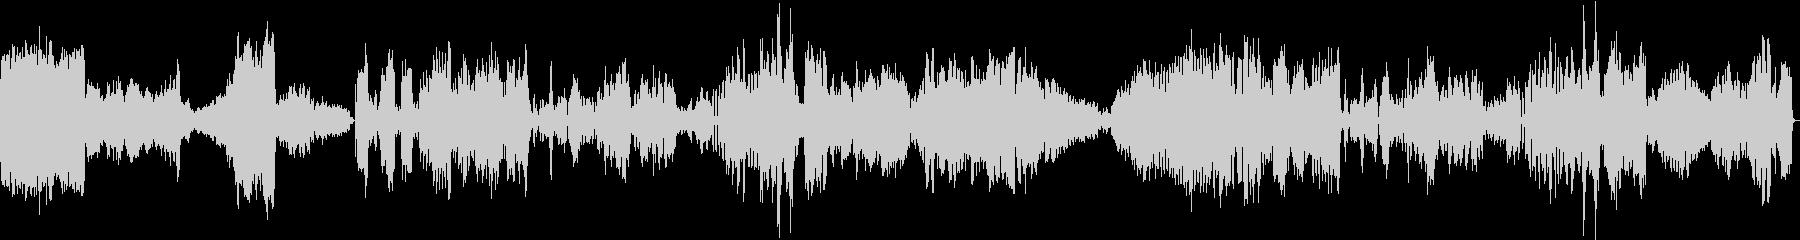 ブラームスのカバーの未再生の波形